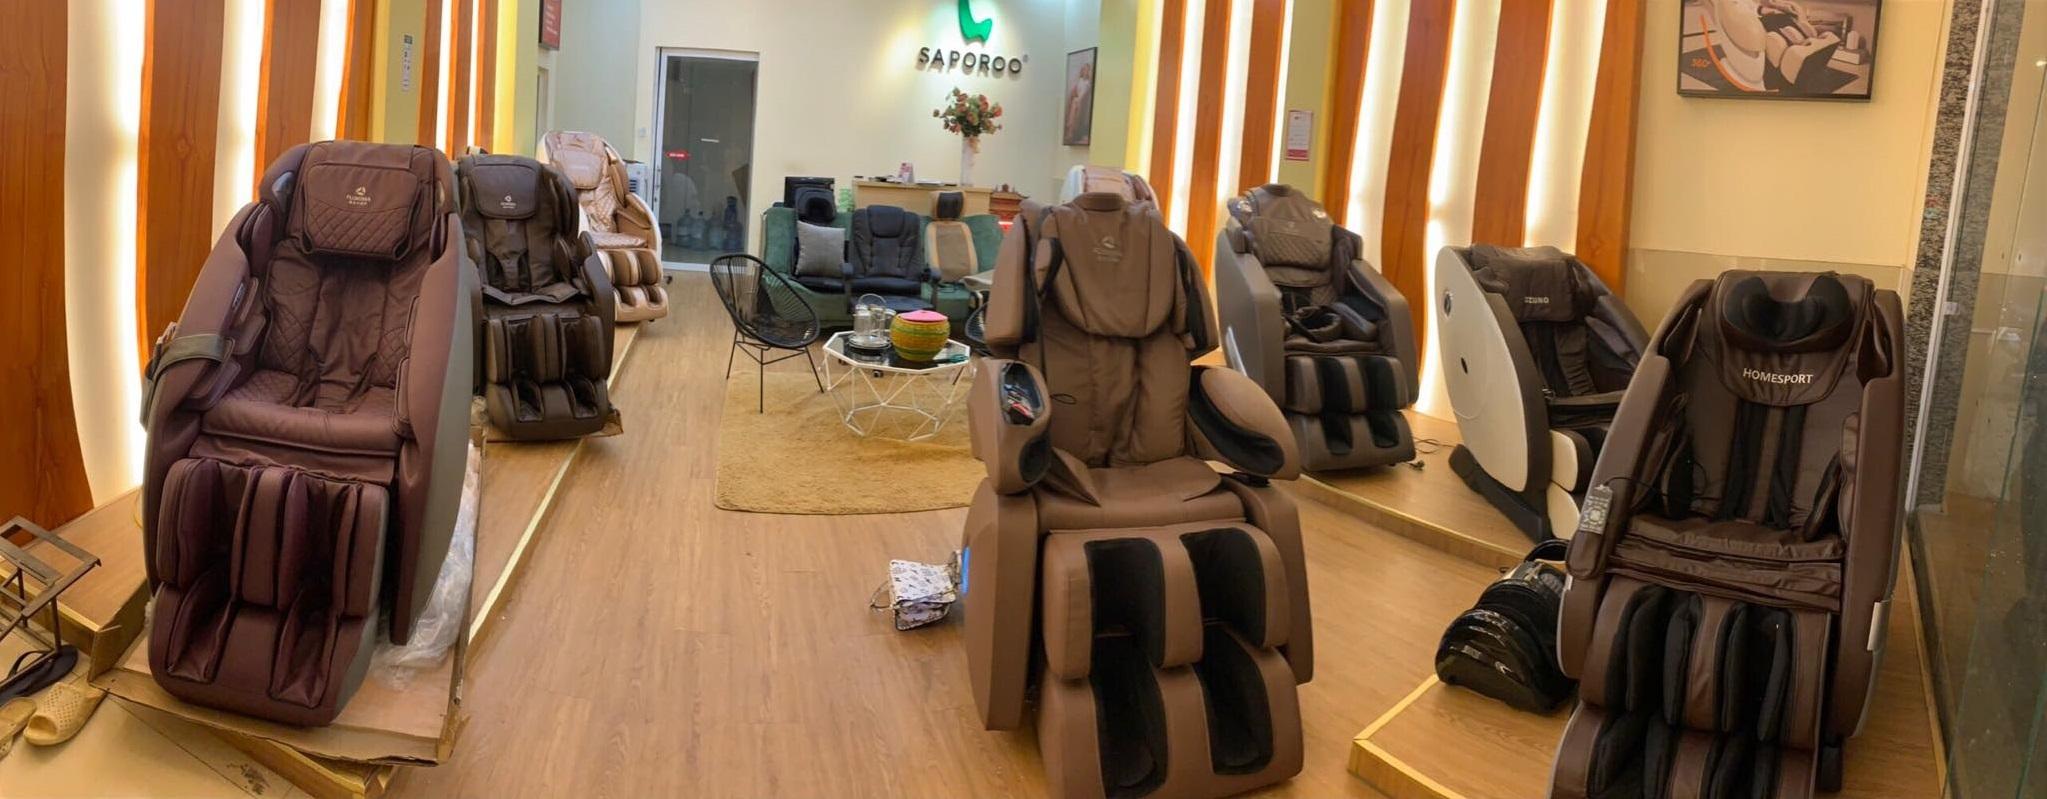 Ghế massage chính hãng tại shop Gia Dụng Việt 555 Thụy Khuê, Tây Hồ, HN